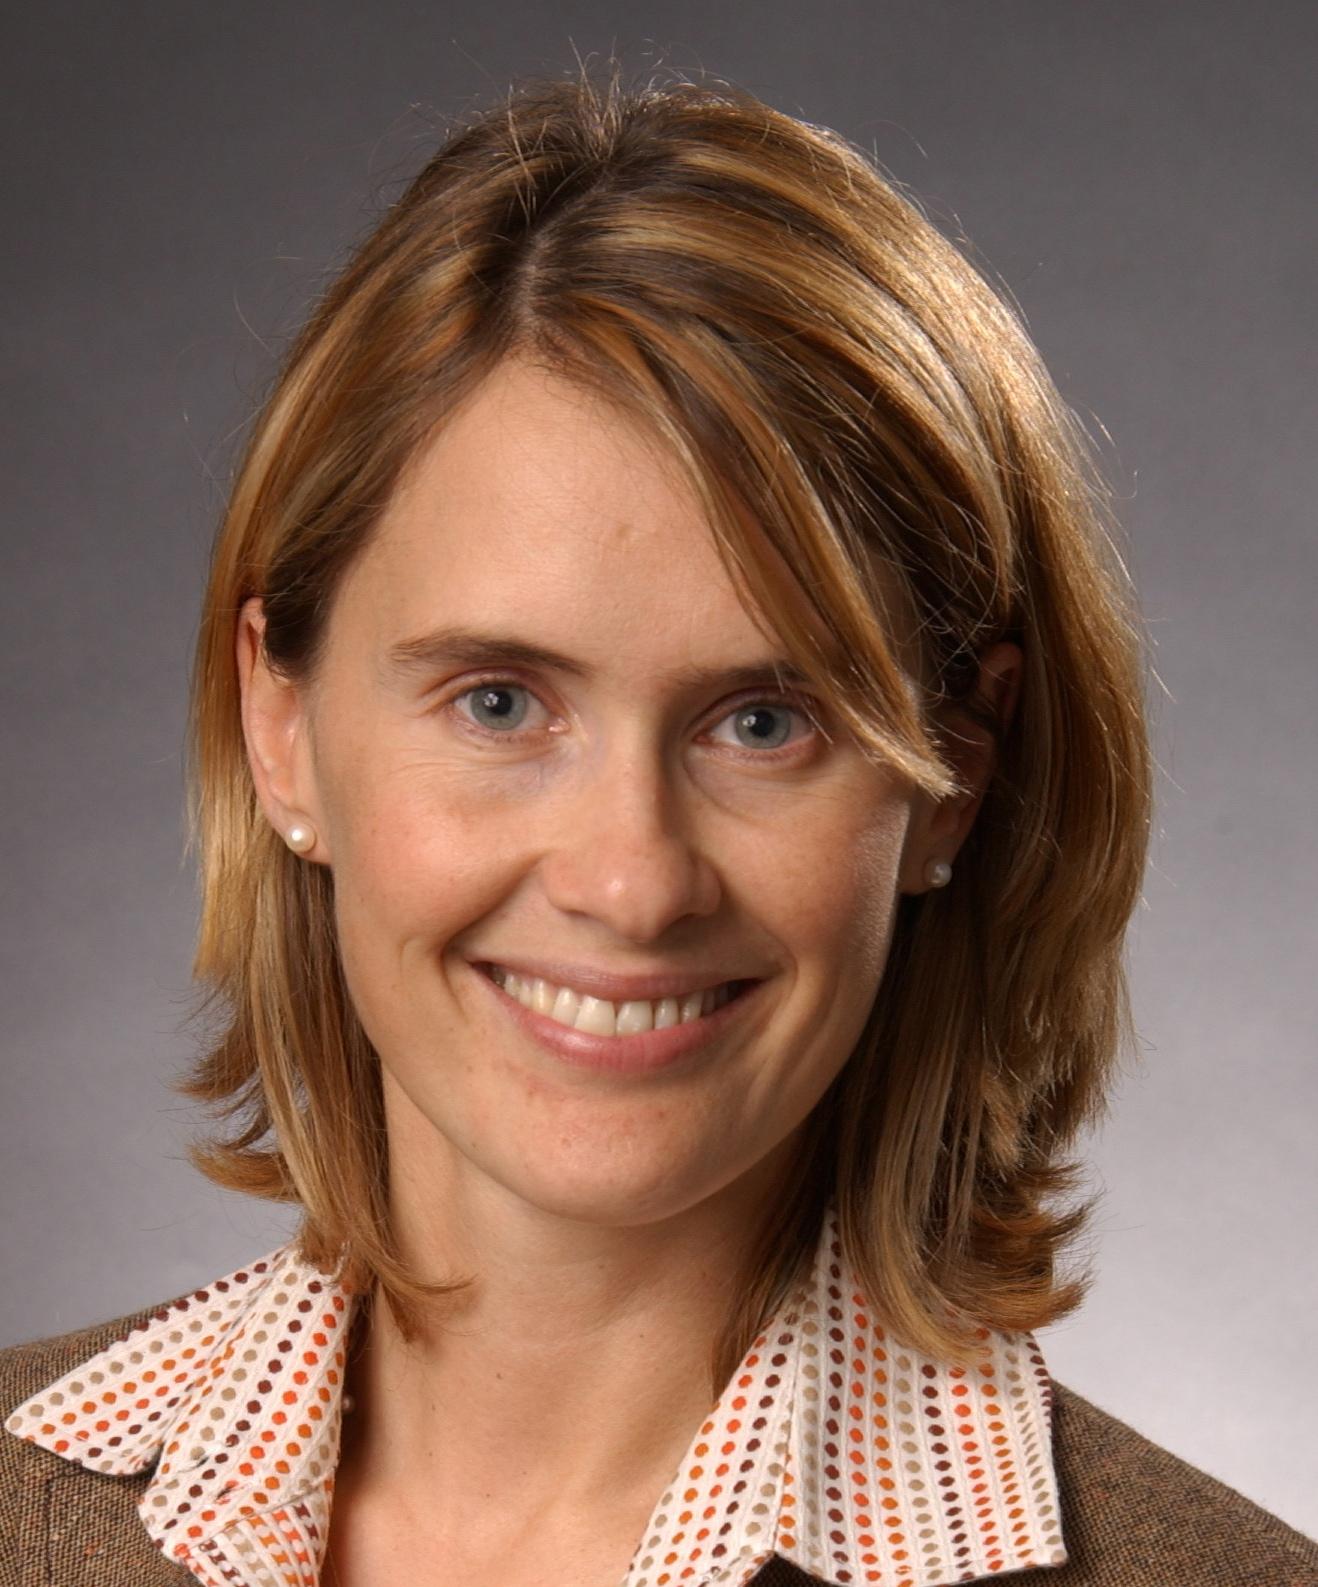 Julie Falardeau